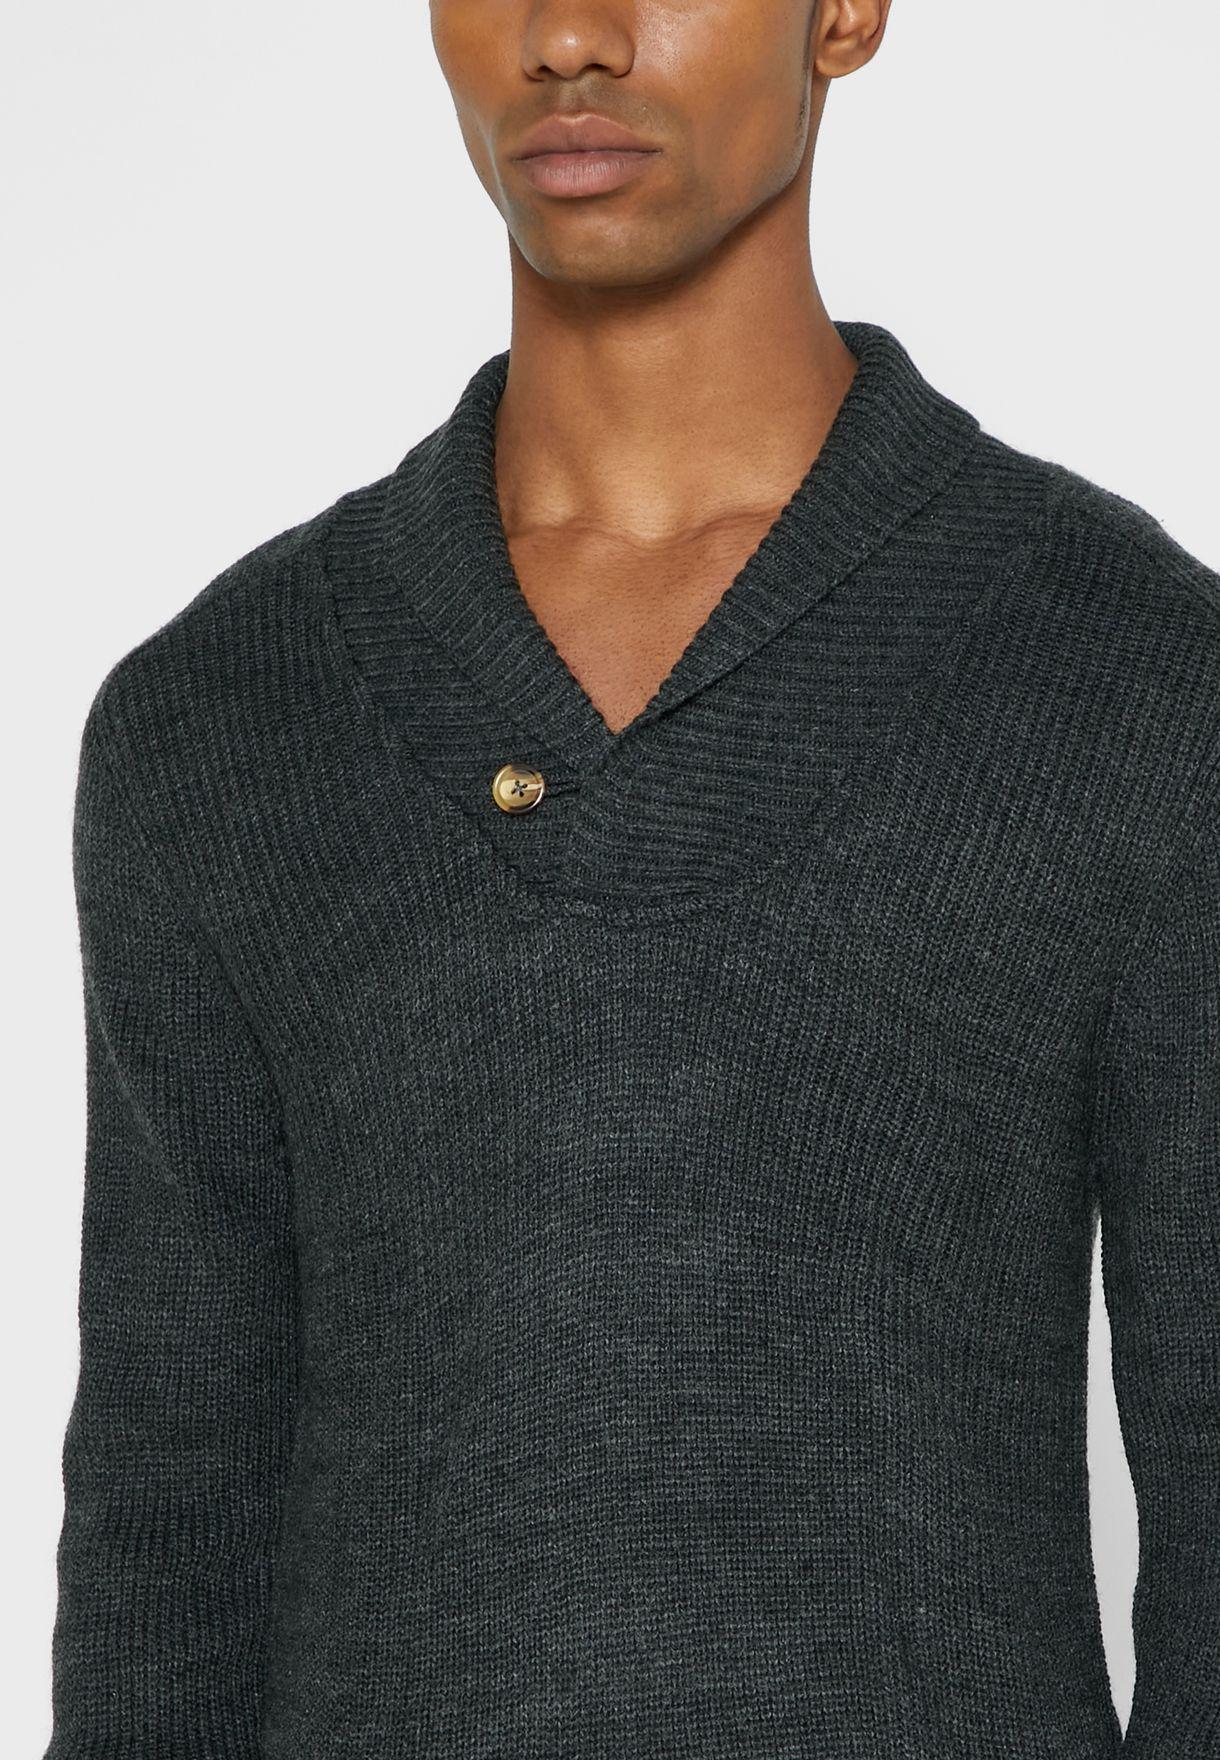 Shawl Neck Rib Knit